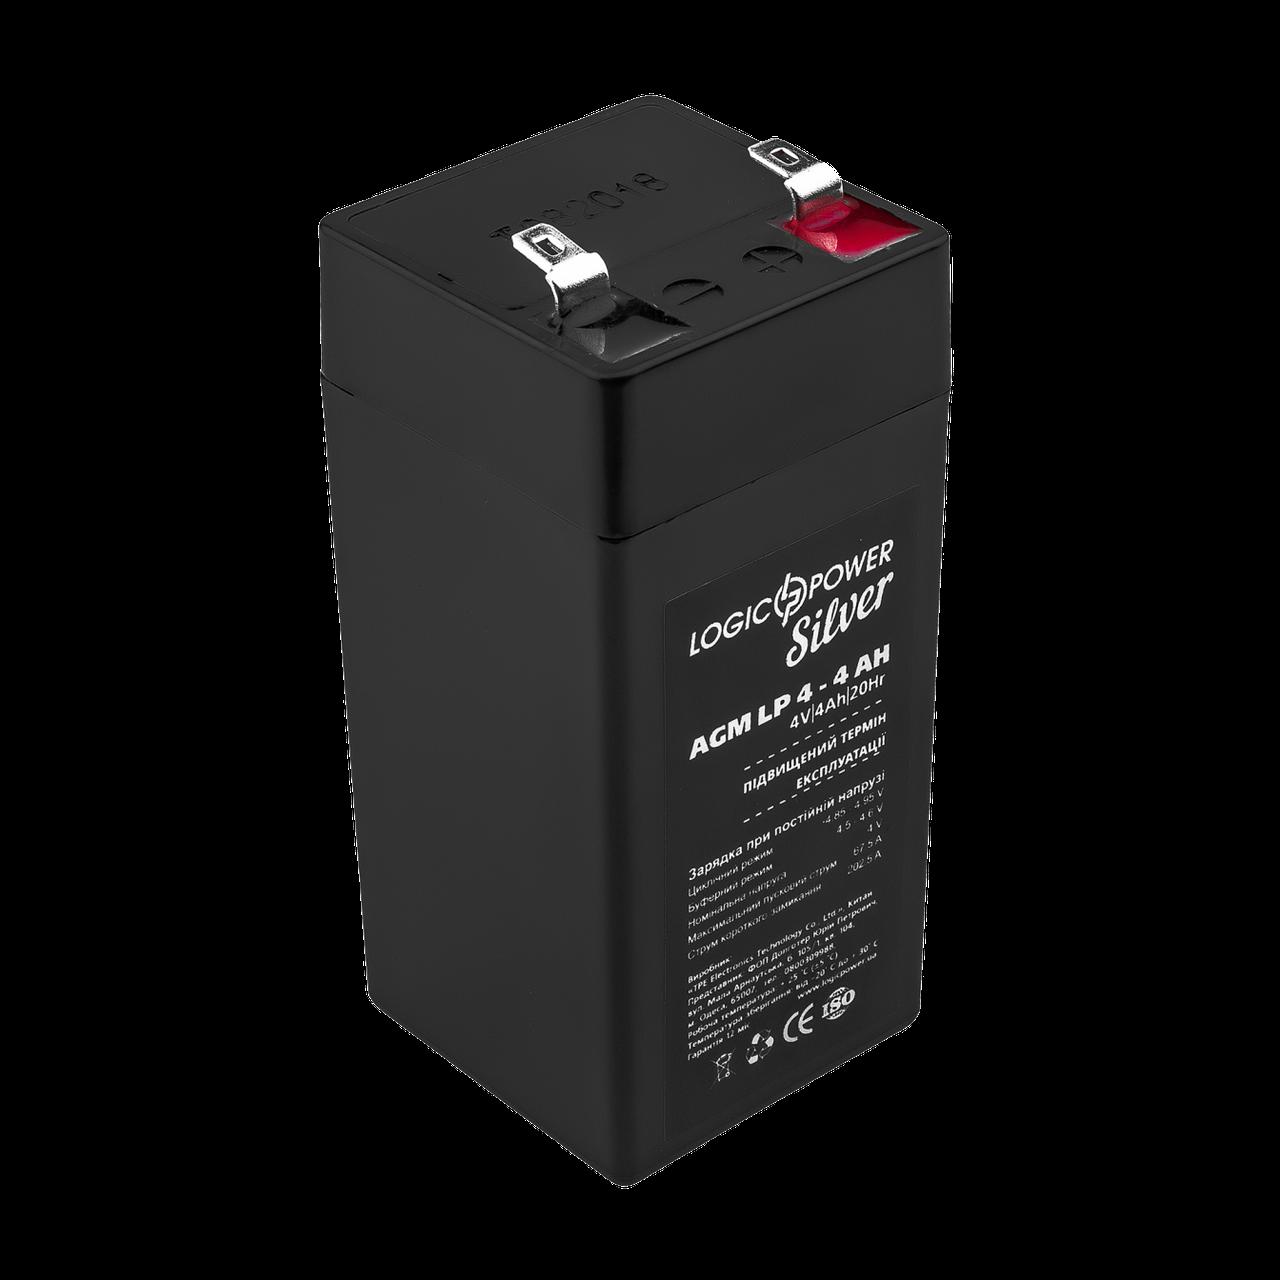 Аккумулятор AGM LP 4-4 AH SILVER